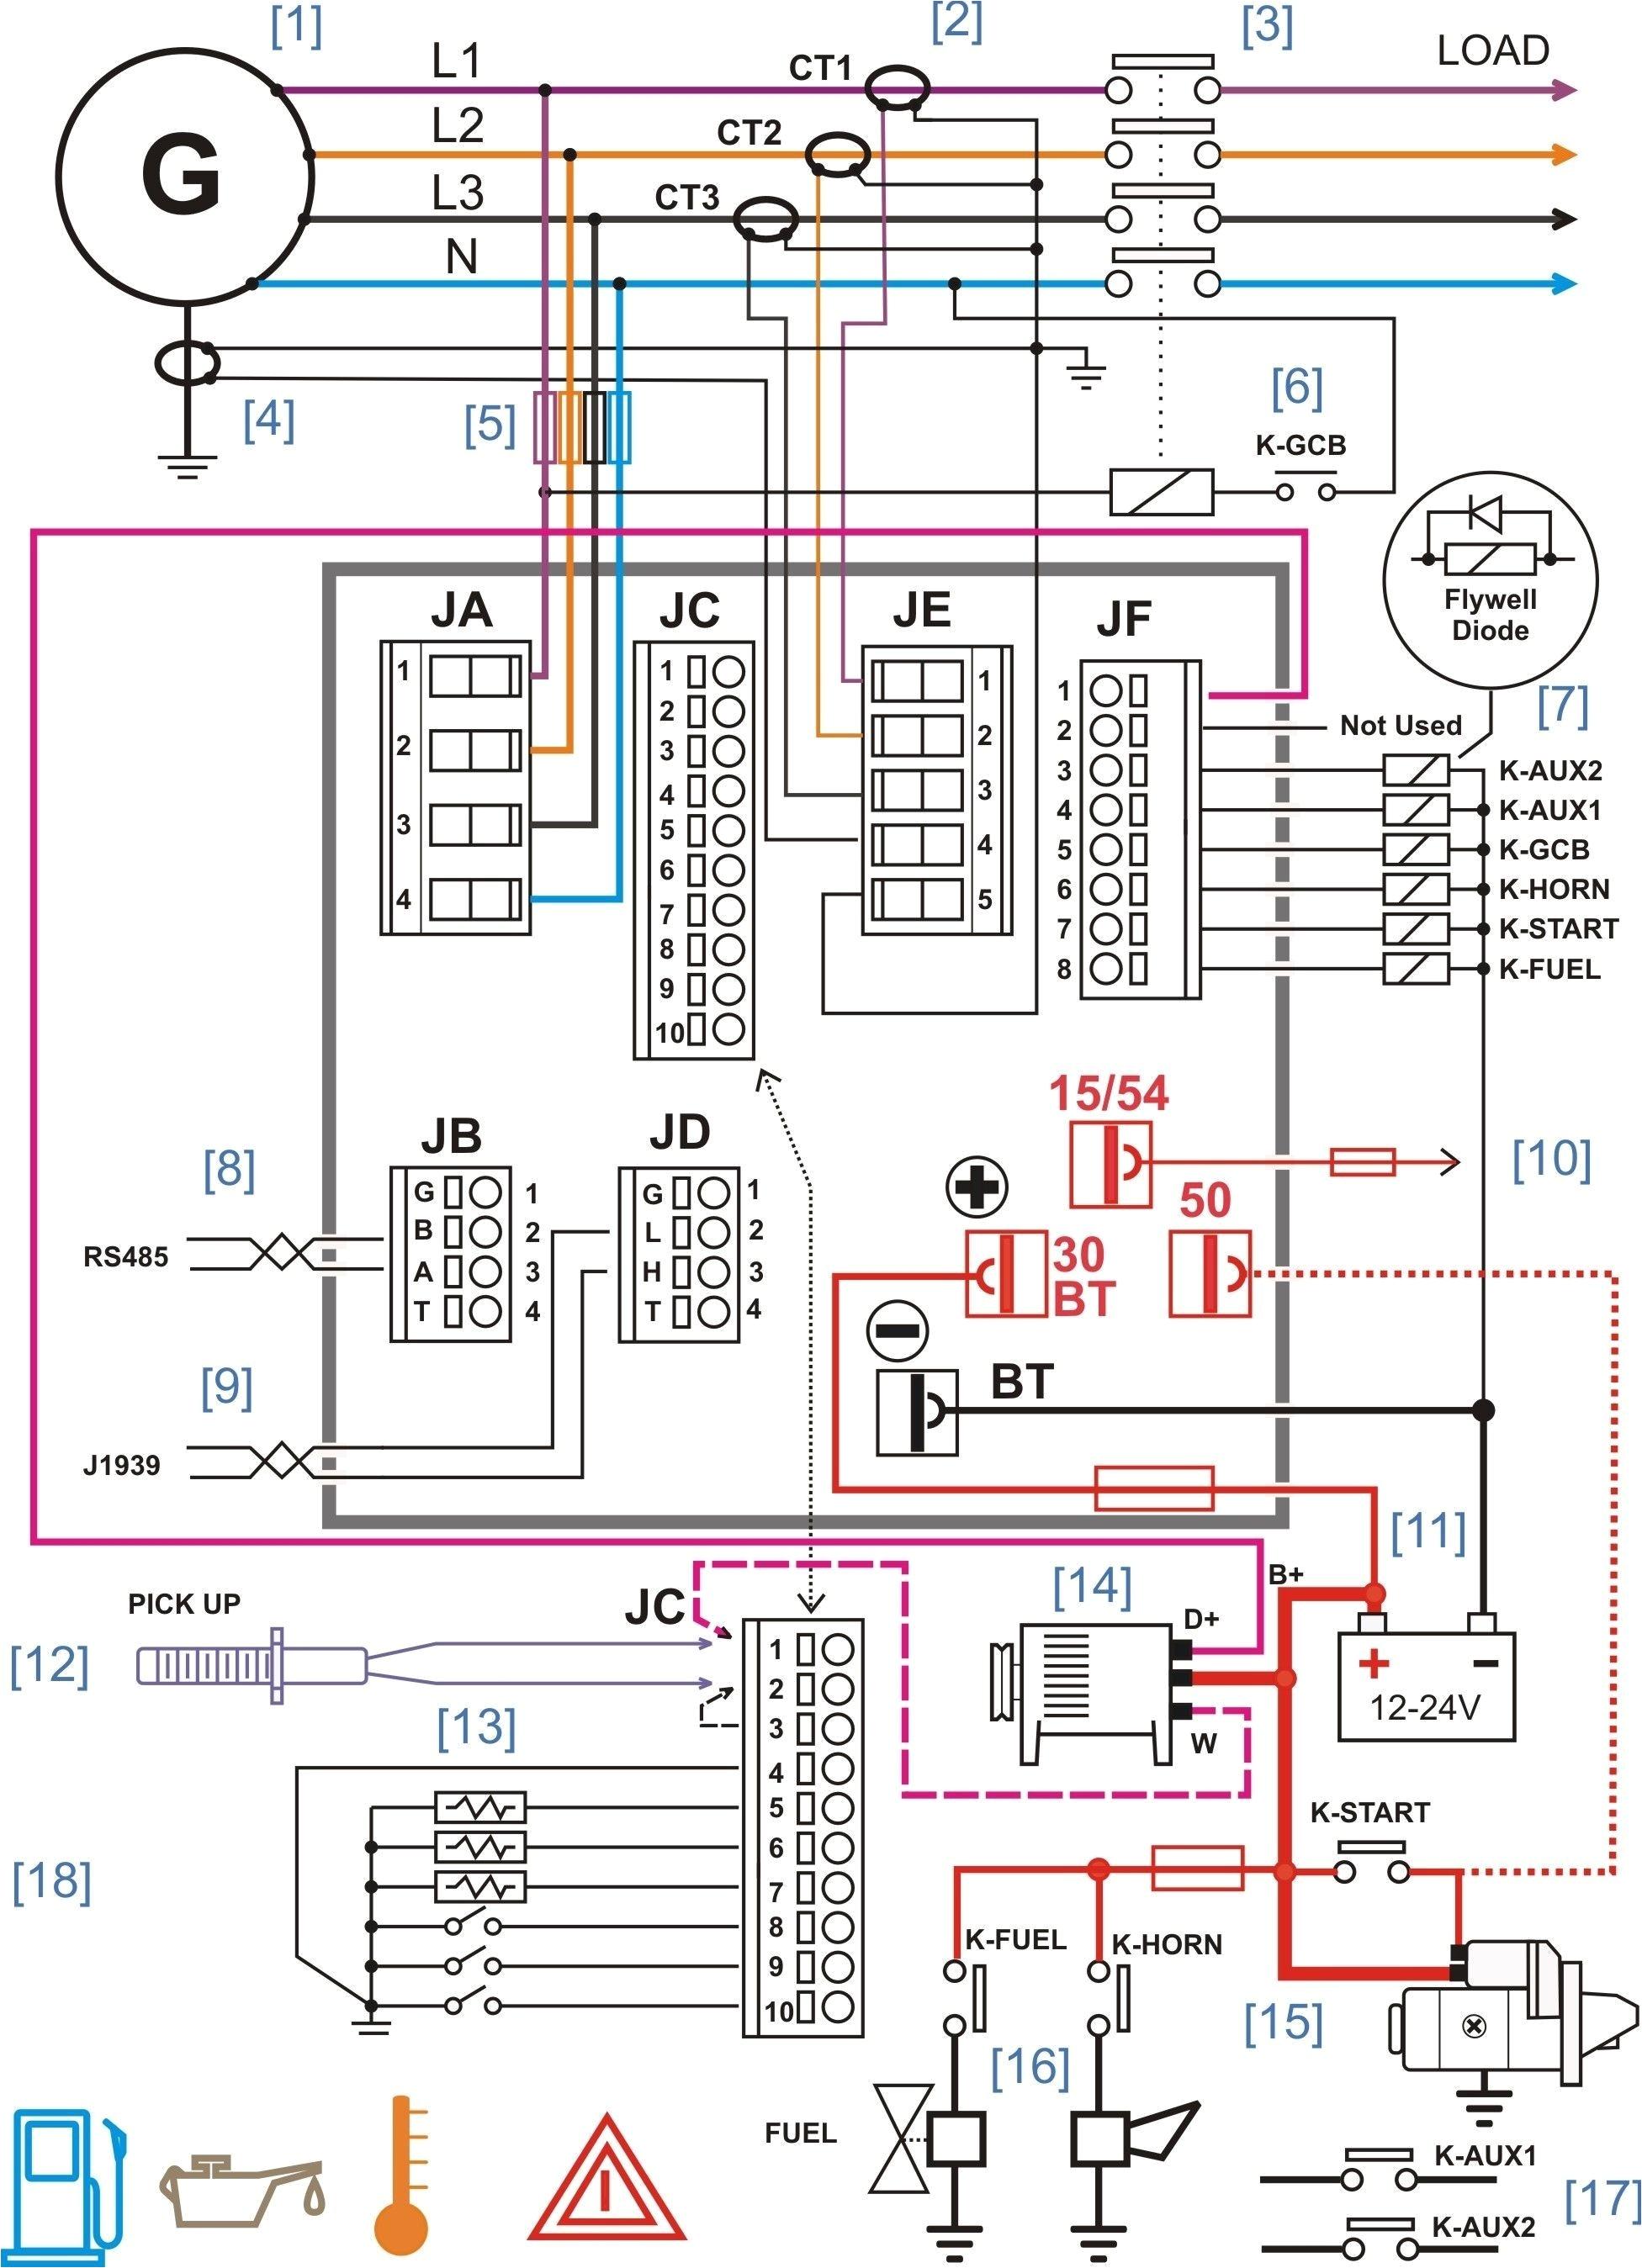 guitar wiring diagram creator wiring diagrams bib guitar wiring diagram creator guitar wiring diagram creator